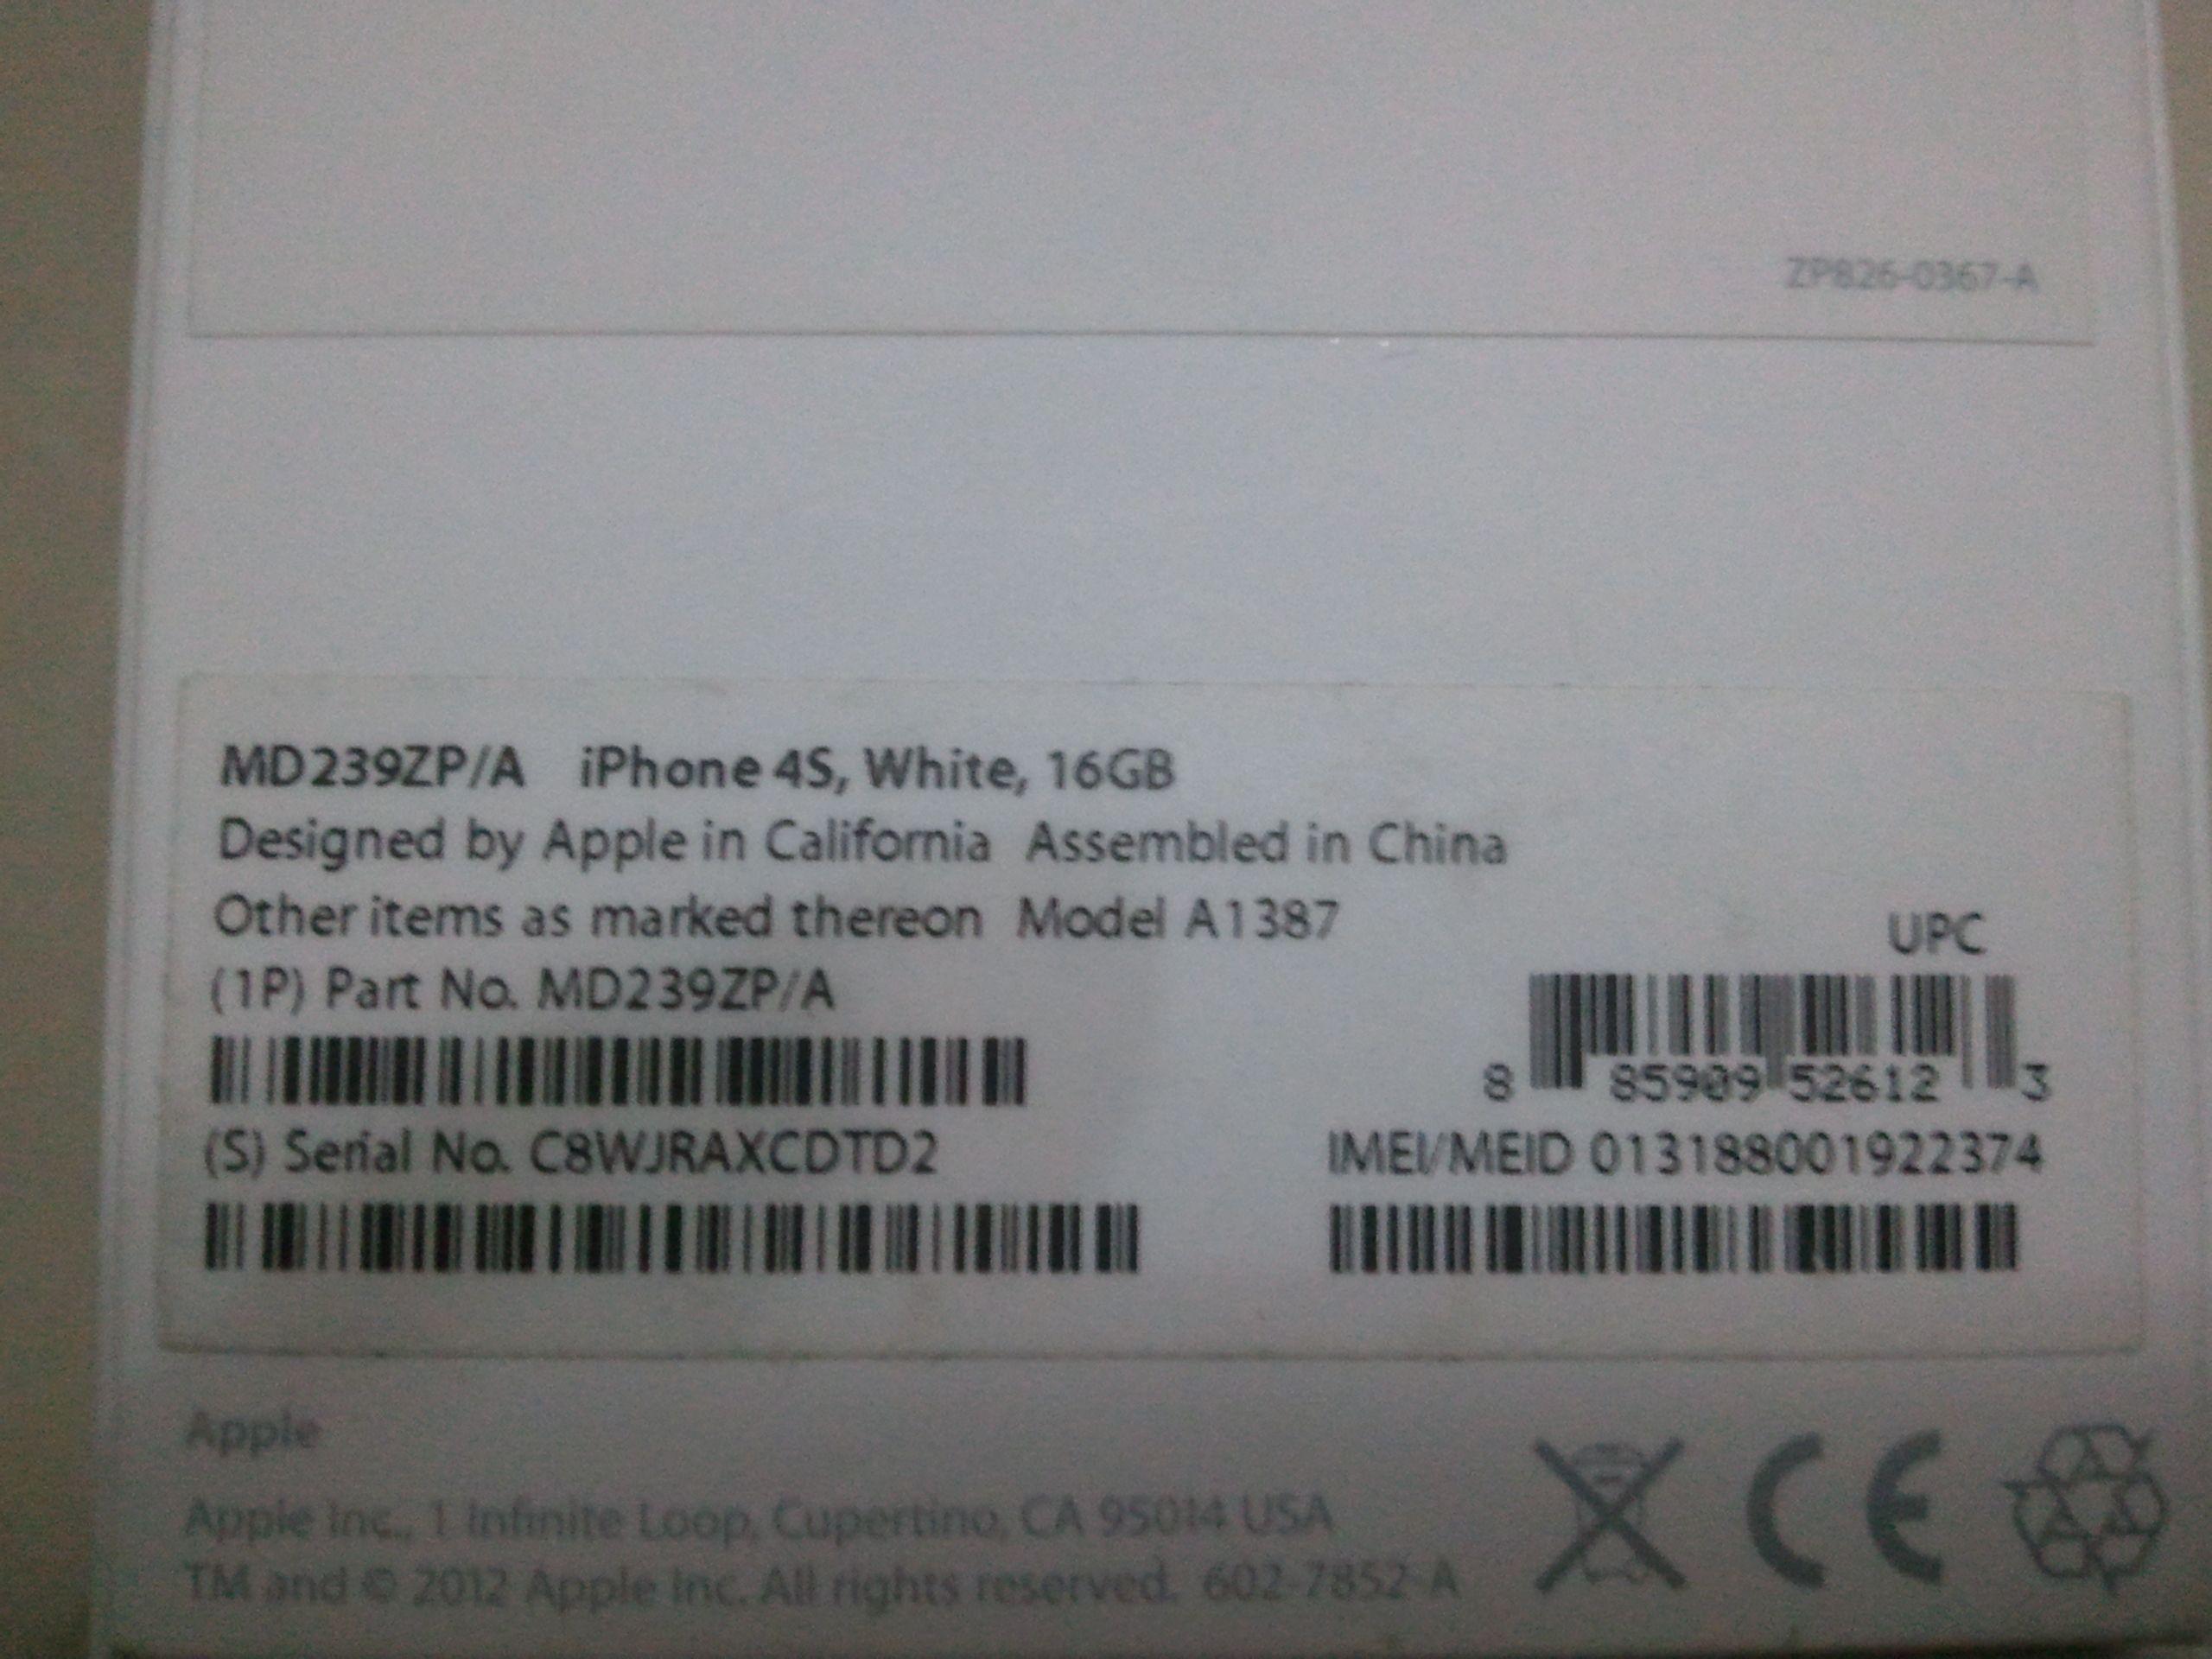 美版的助手苹果查序列号是中国郑州富士康v助手pp装机手机iphone图片